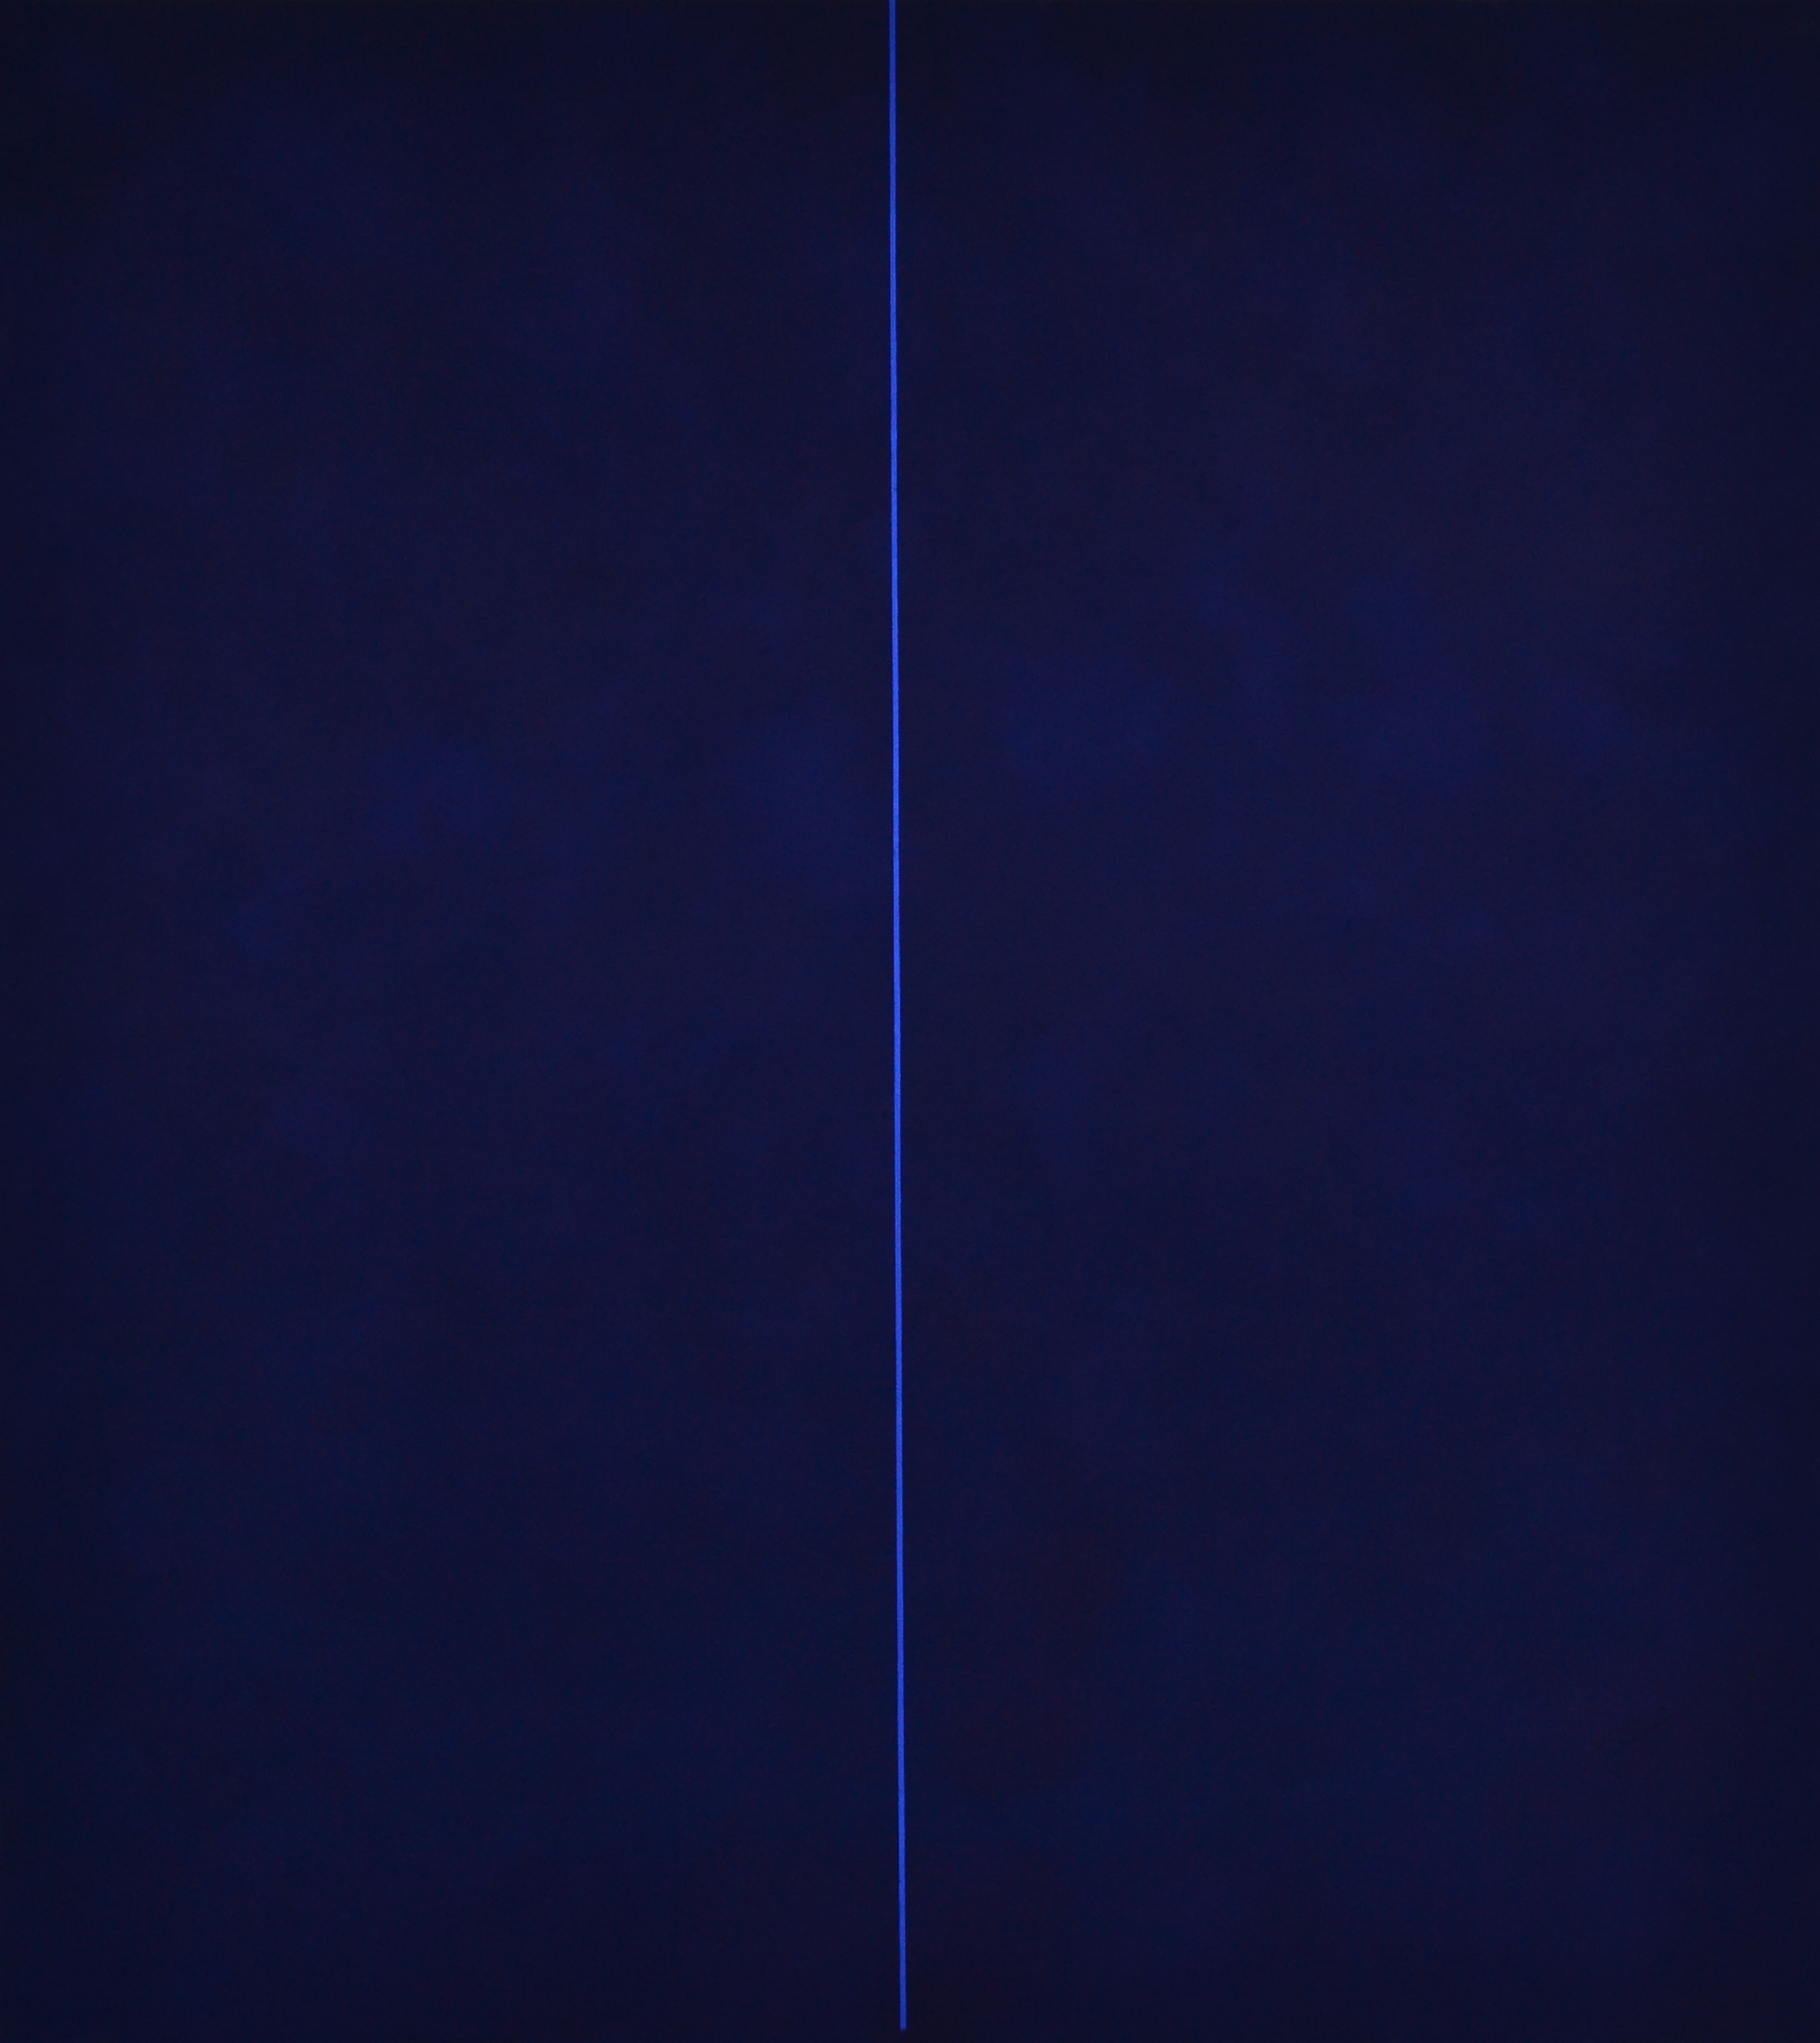 DSC_5389 frg zeitmoment III 198 x 220 cm 2003.jpg